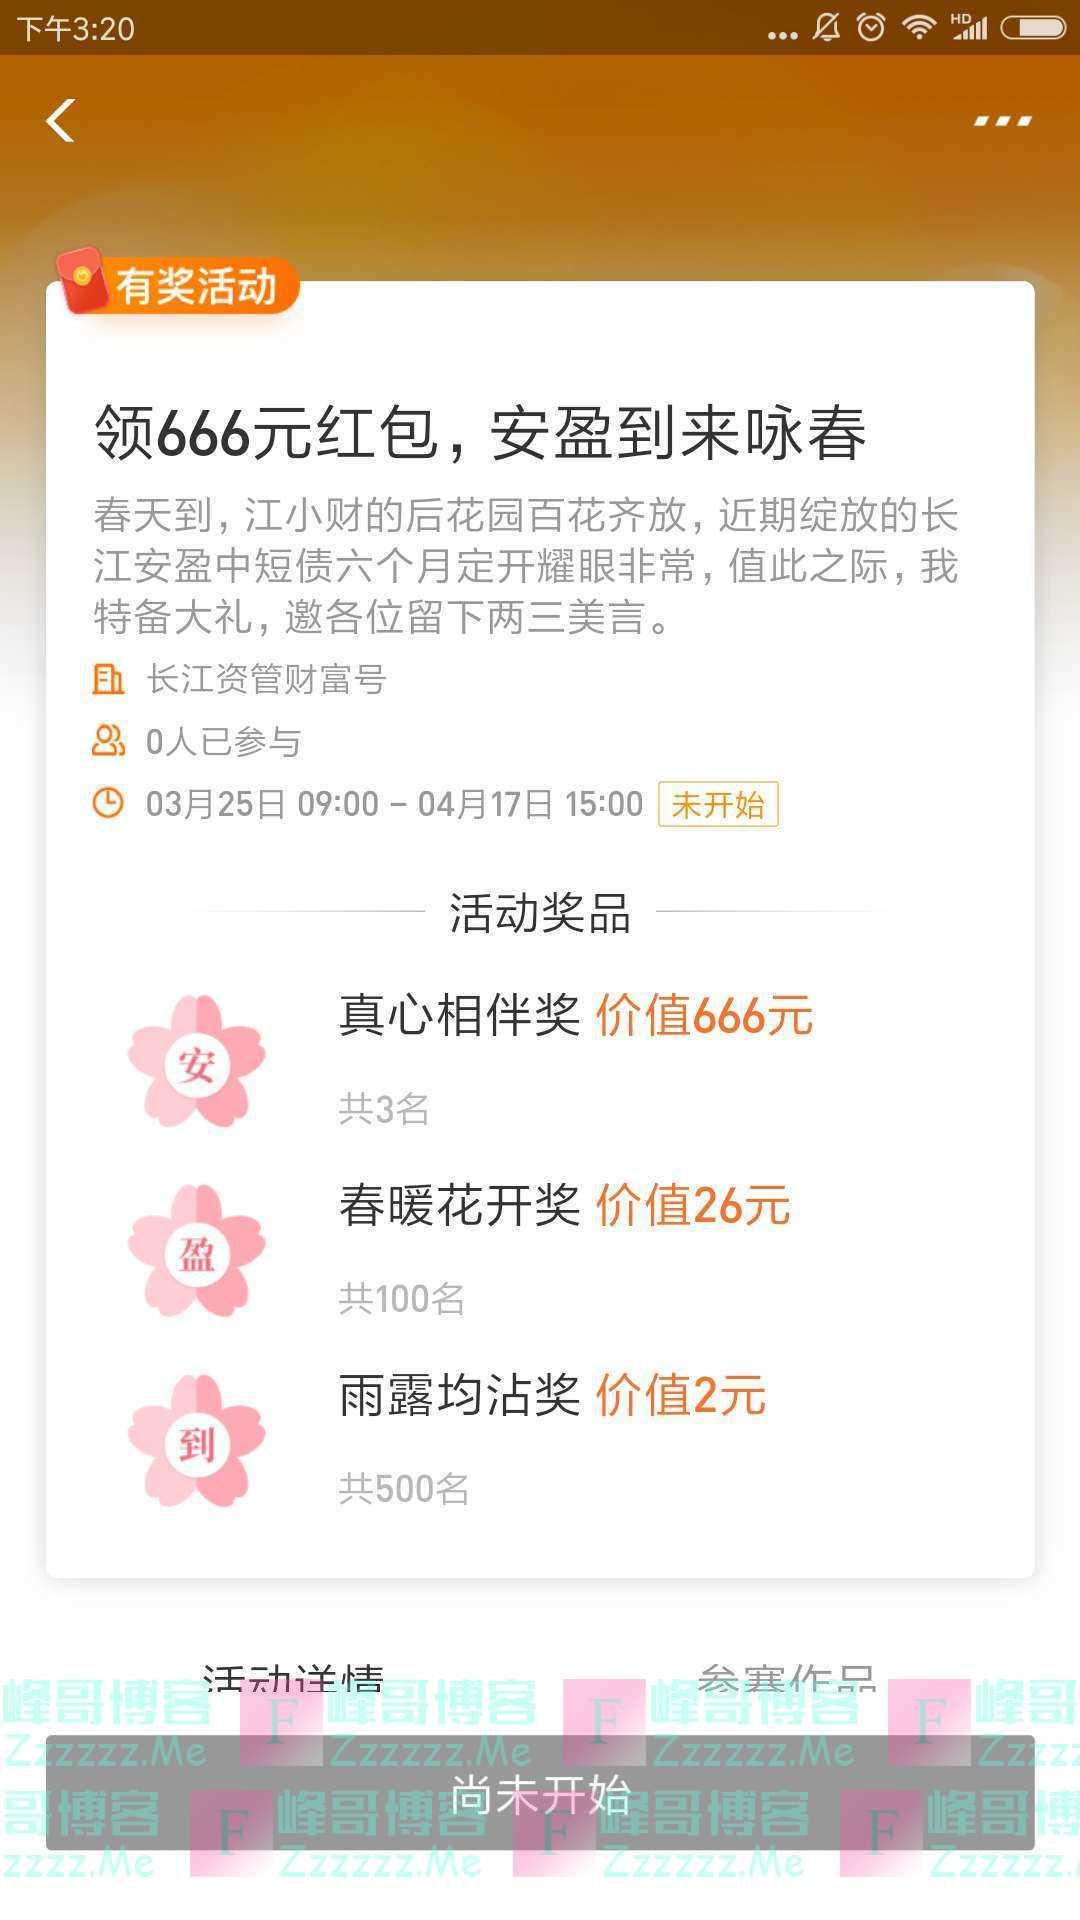 长江资管财富号领666元红包 安盈到来咏春(截止4月17日)